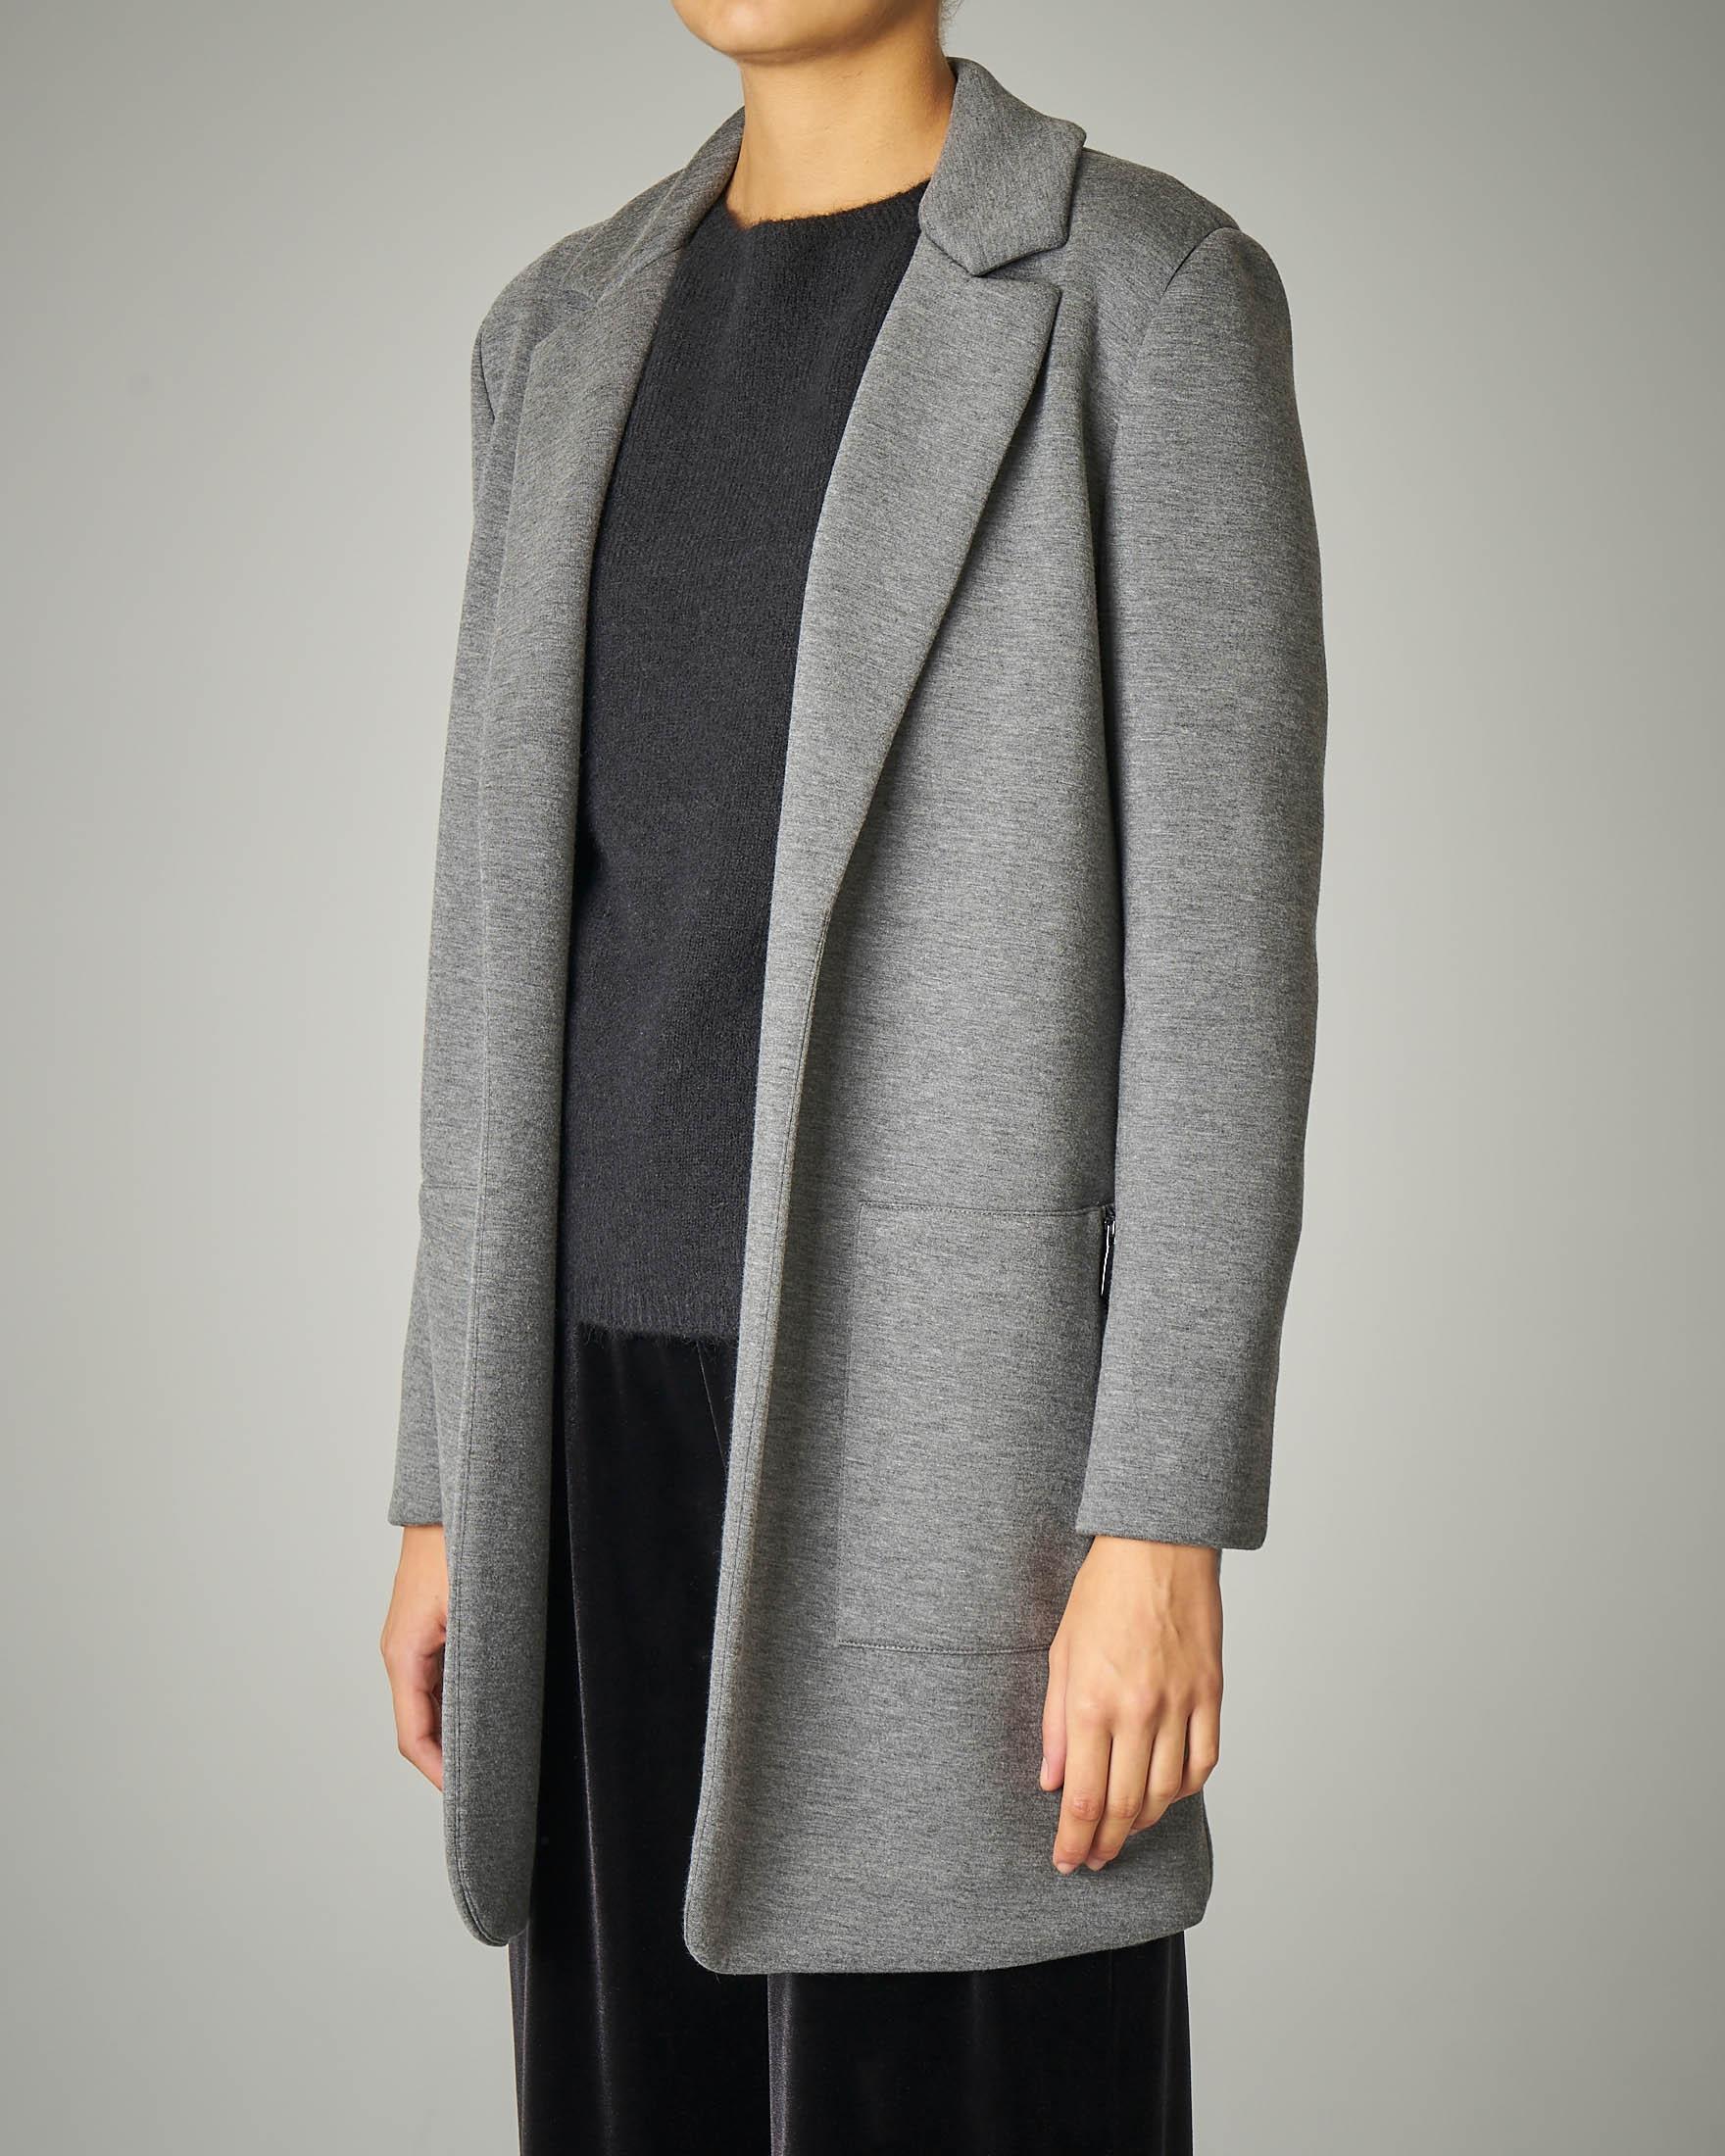 Cappottino in neoprene grigio